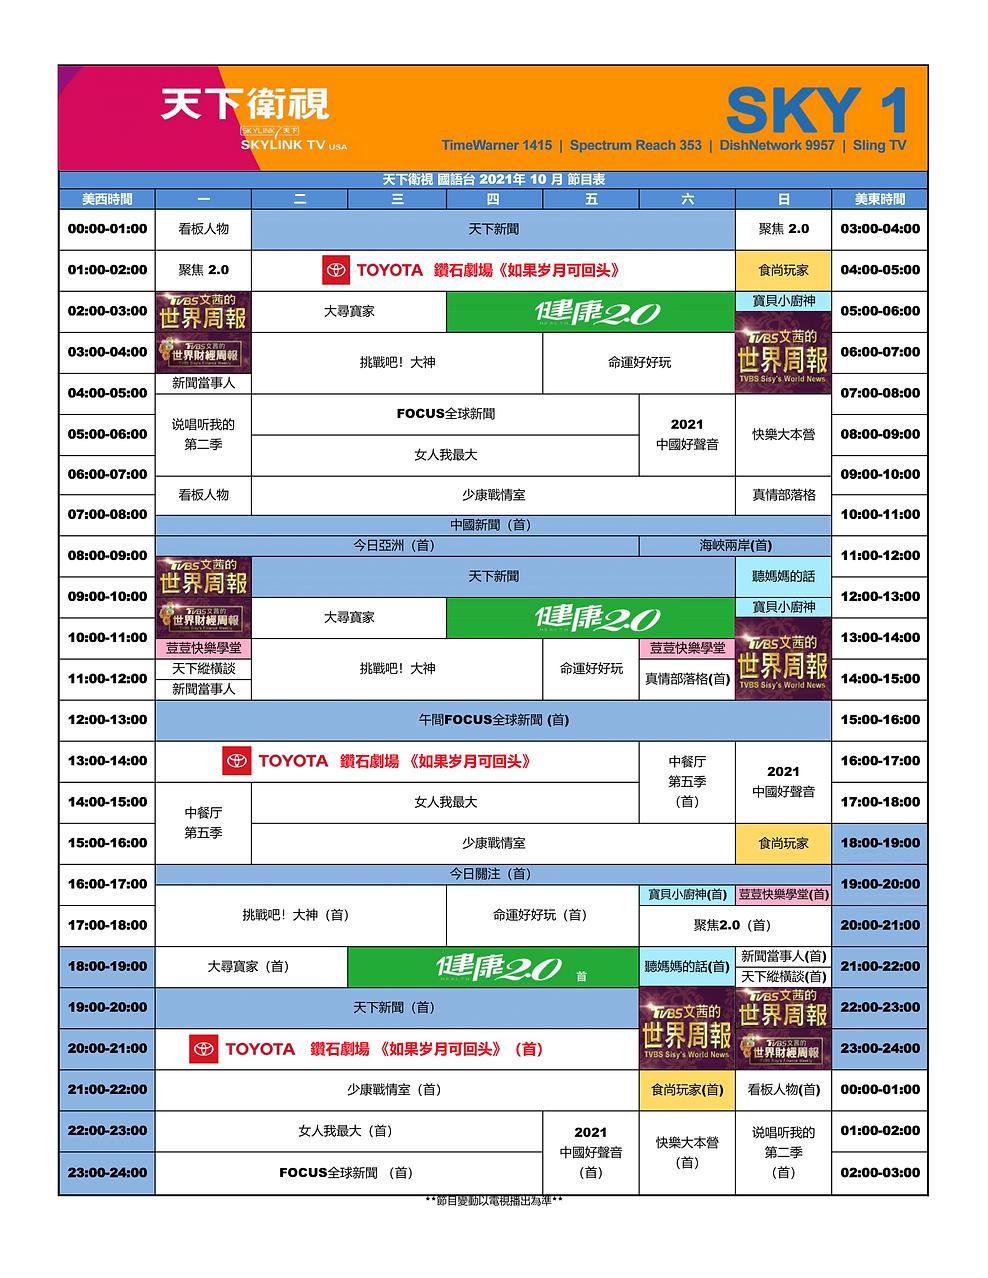 2021年10月國語台節目表-1.png